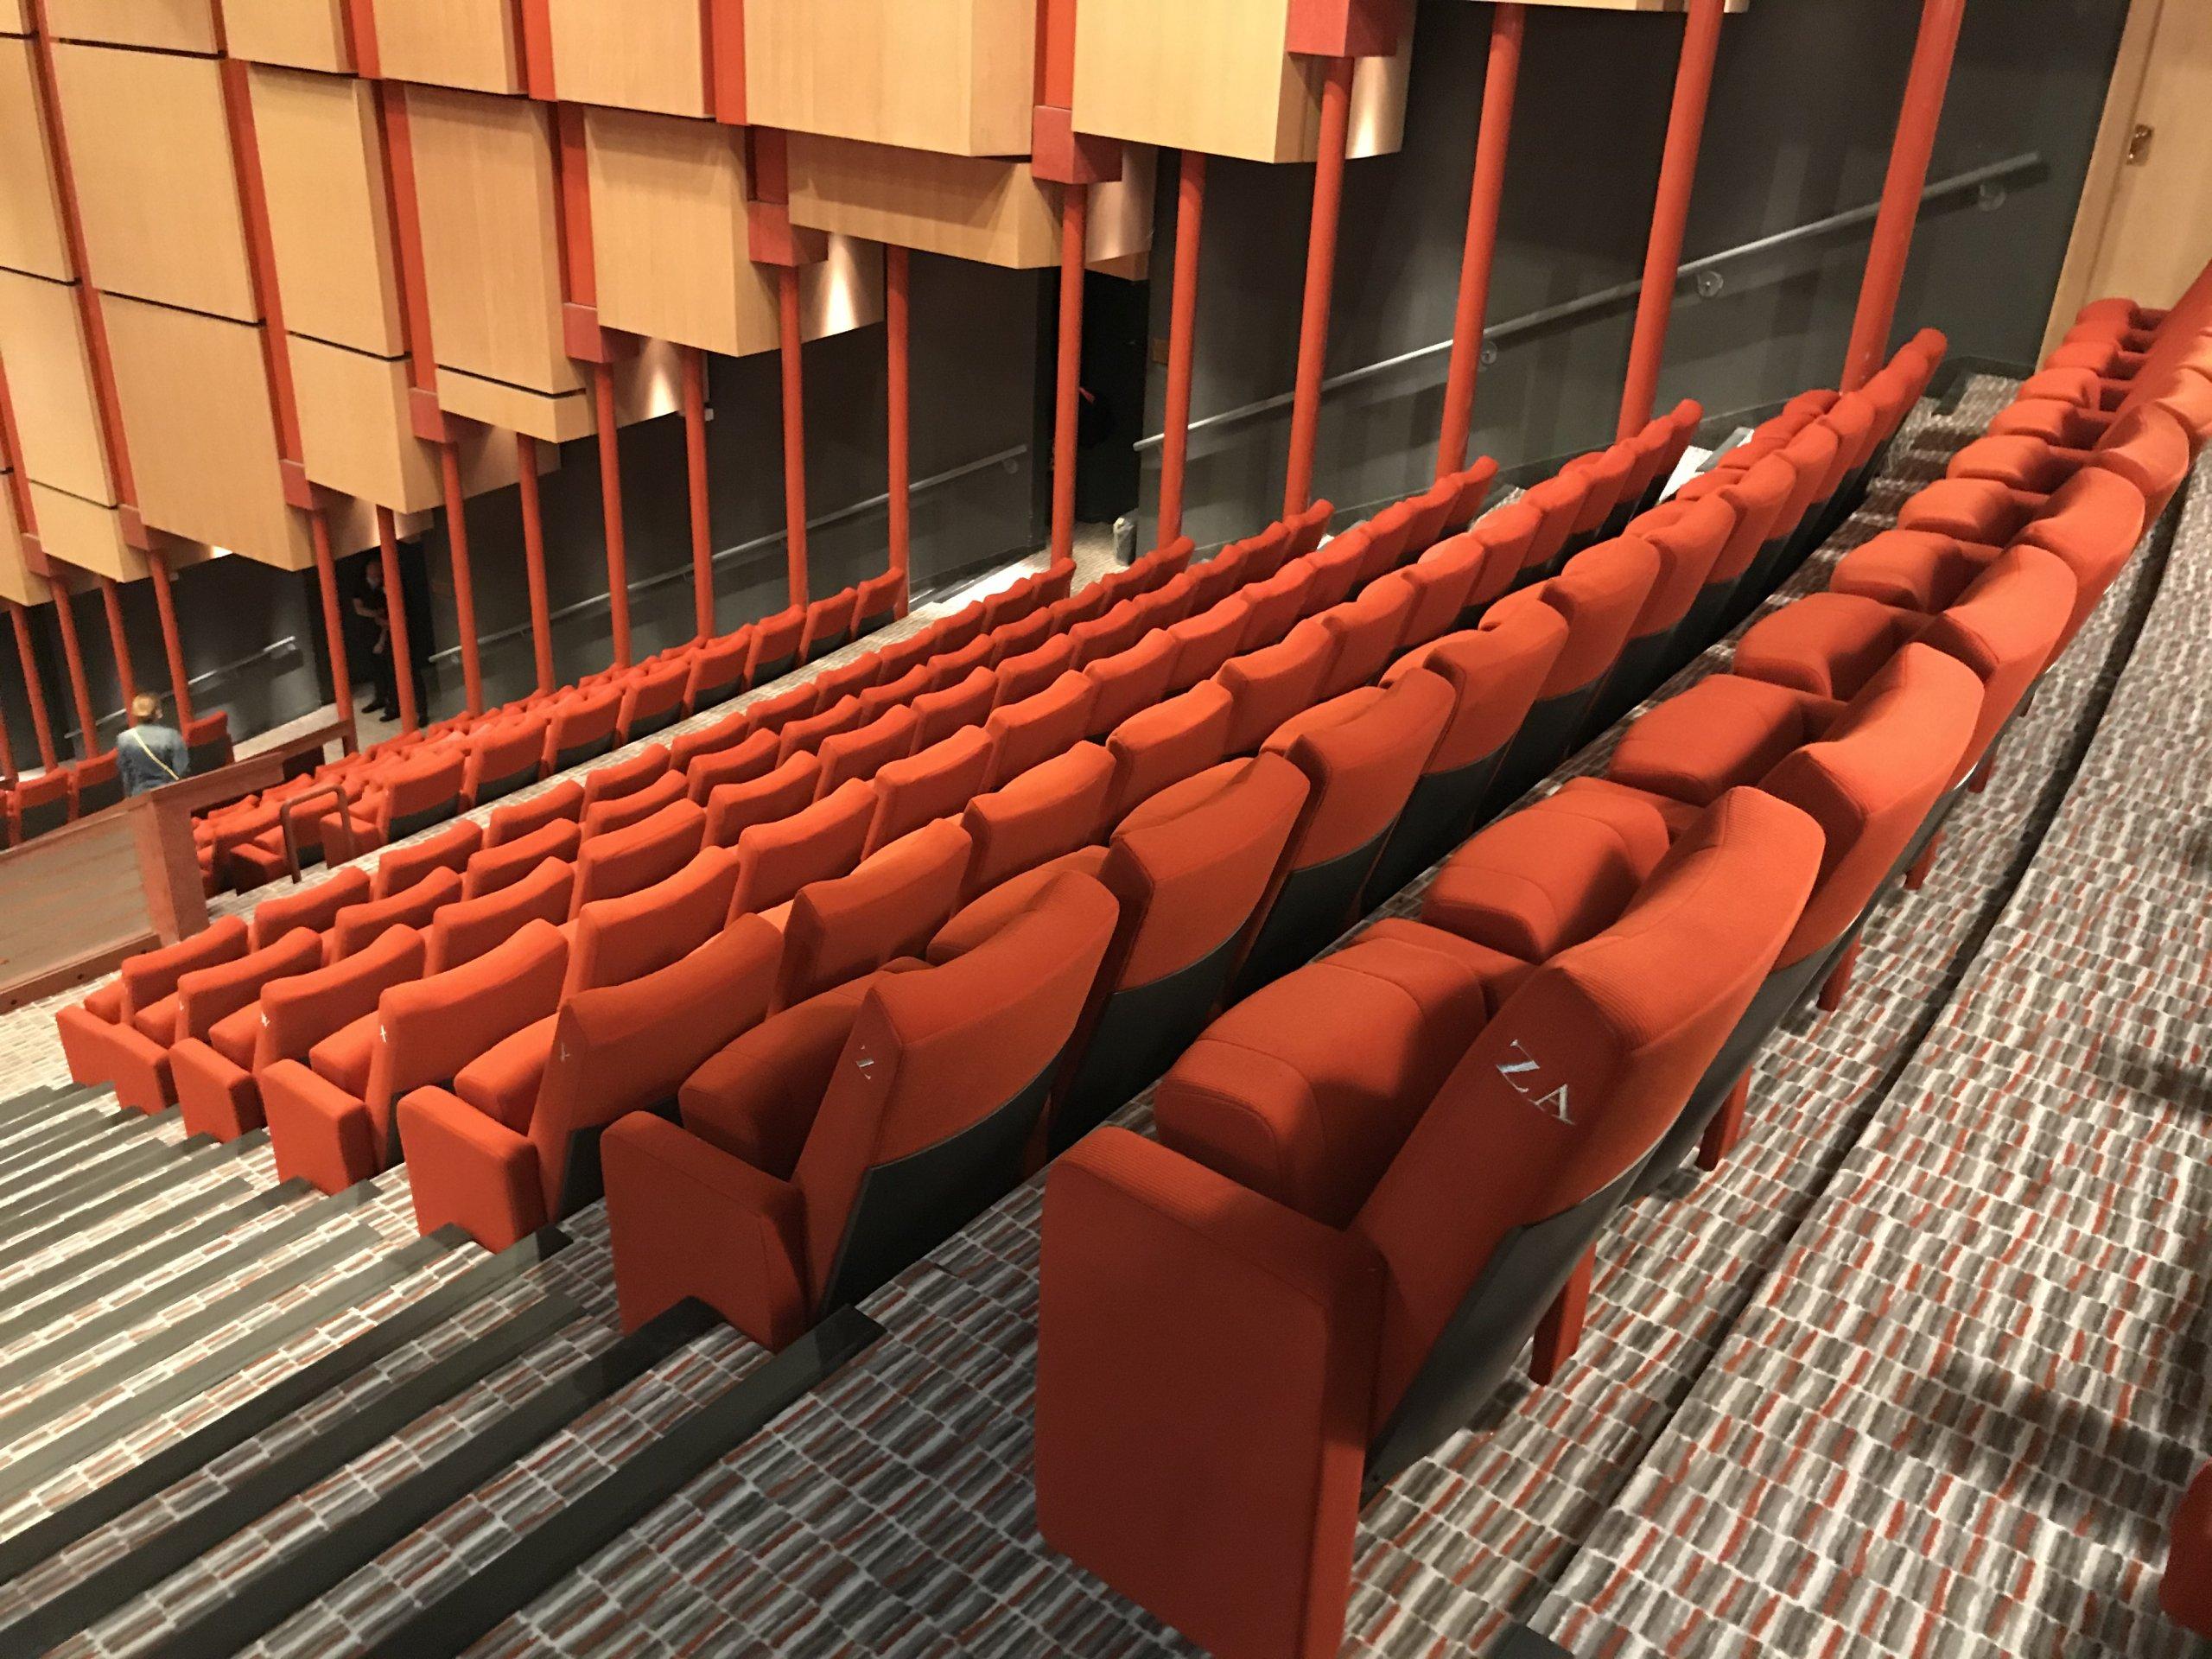 Kleslo - fauteuil Inertie - Leader de fabrication de fauteuils cinéma, théâtre ... Opéra Massy v5